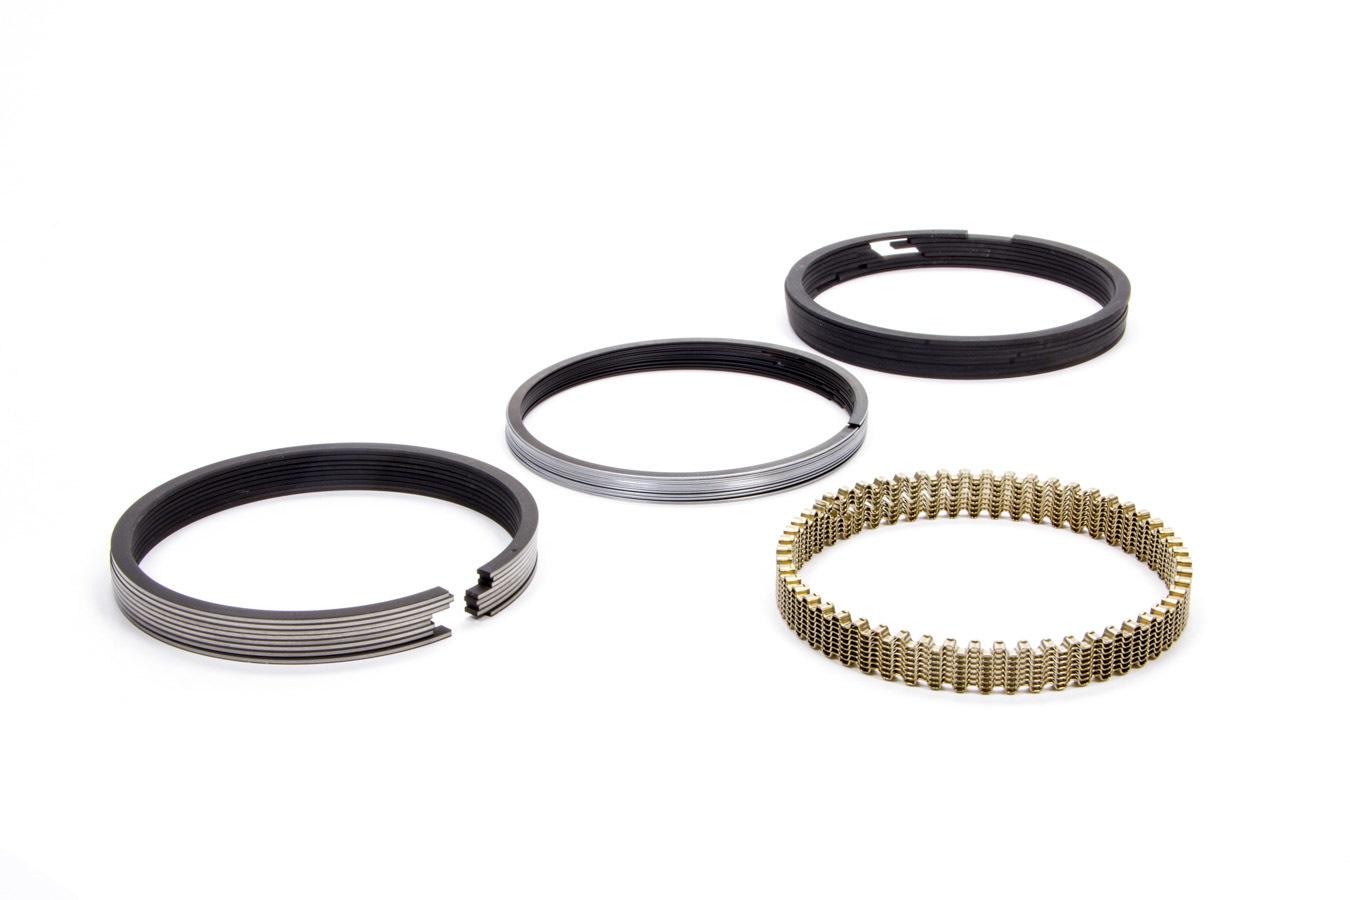 Piston Ring Set 4.060 1/16 1/16 1/8